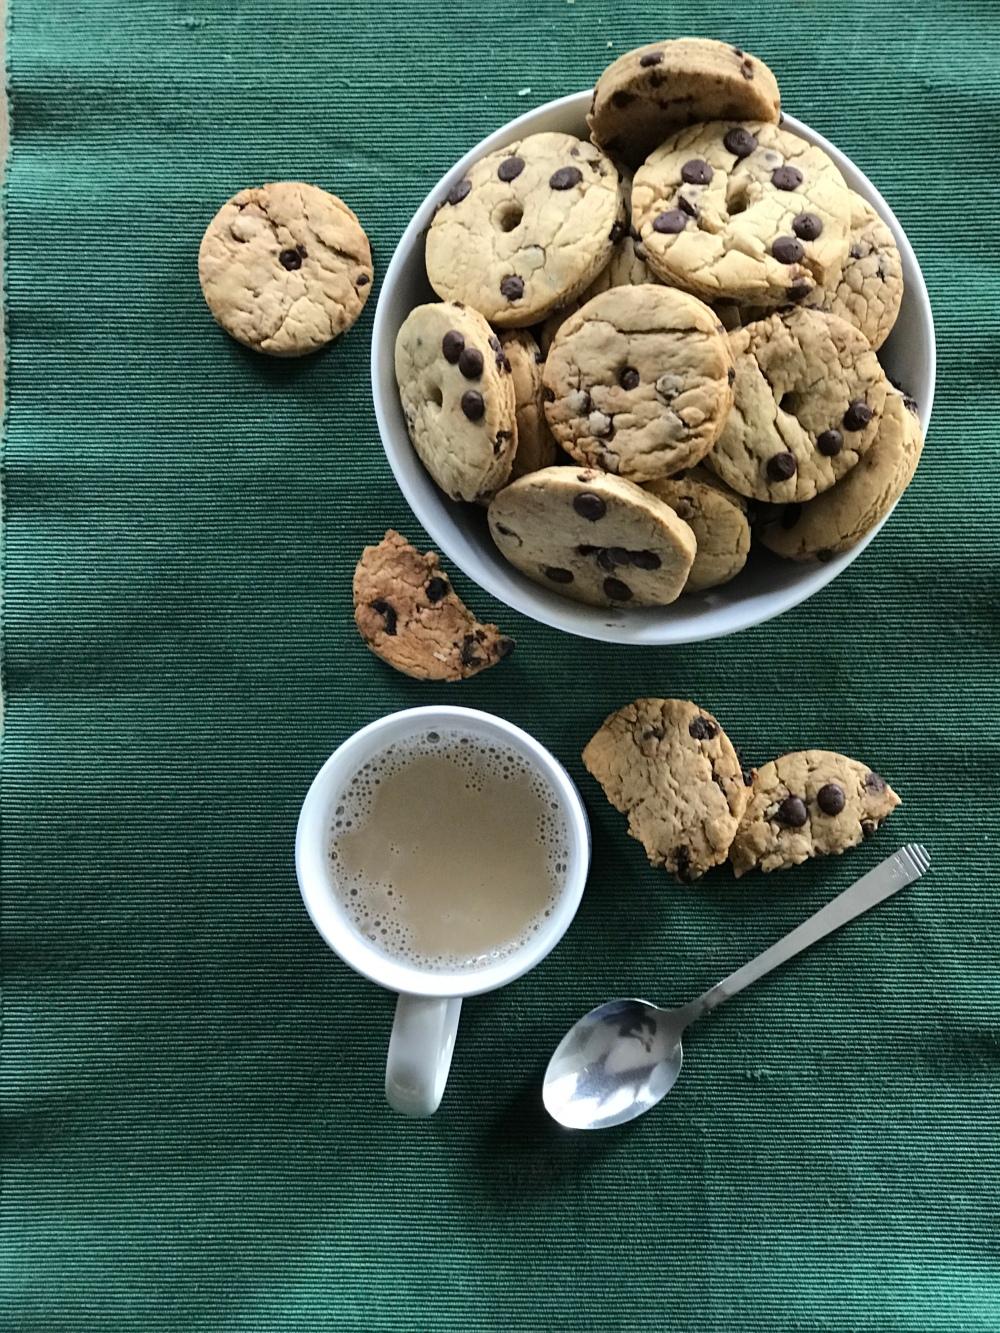 biscotti stedesteincucina 3